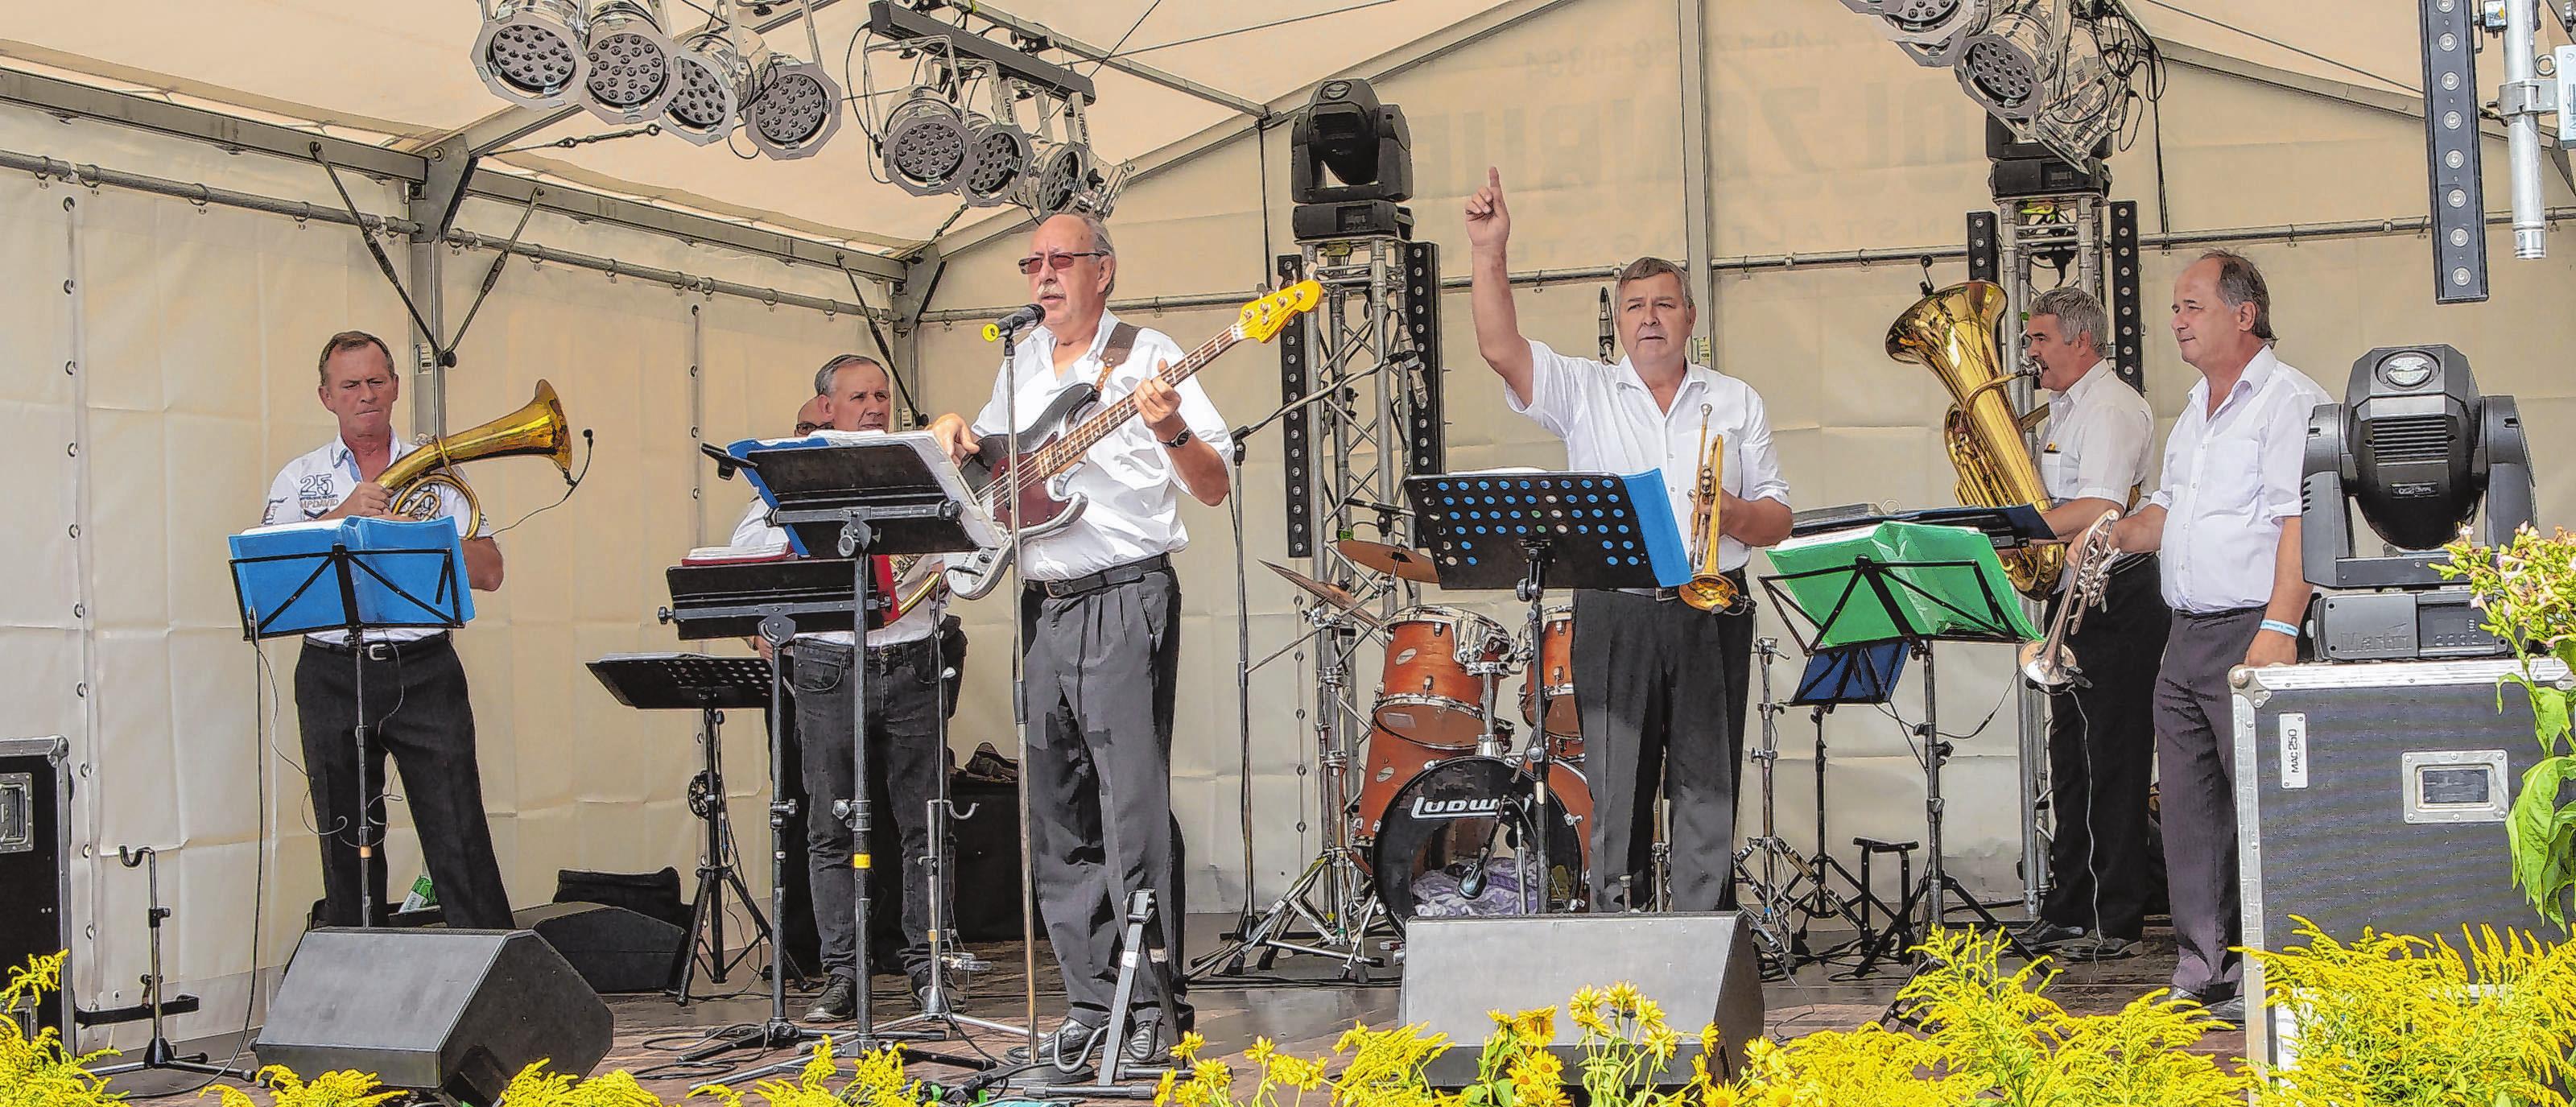 Geben den Ton an: Die Angermünder Musikanten zählen zu den Stammgästen auf der Bühne des Vierradener Marktplatzes. Sie geben den Rhythmus des Tages vor.